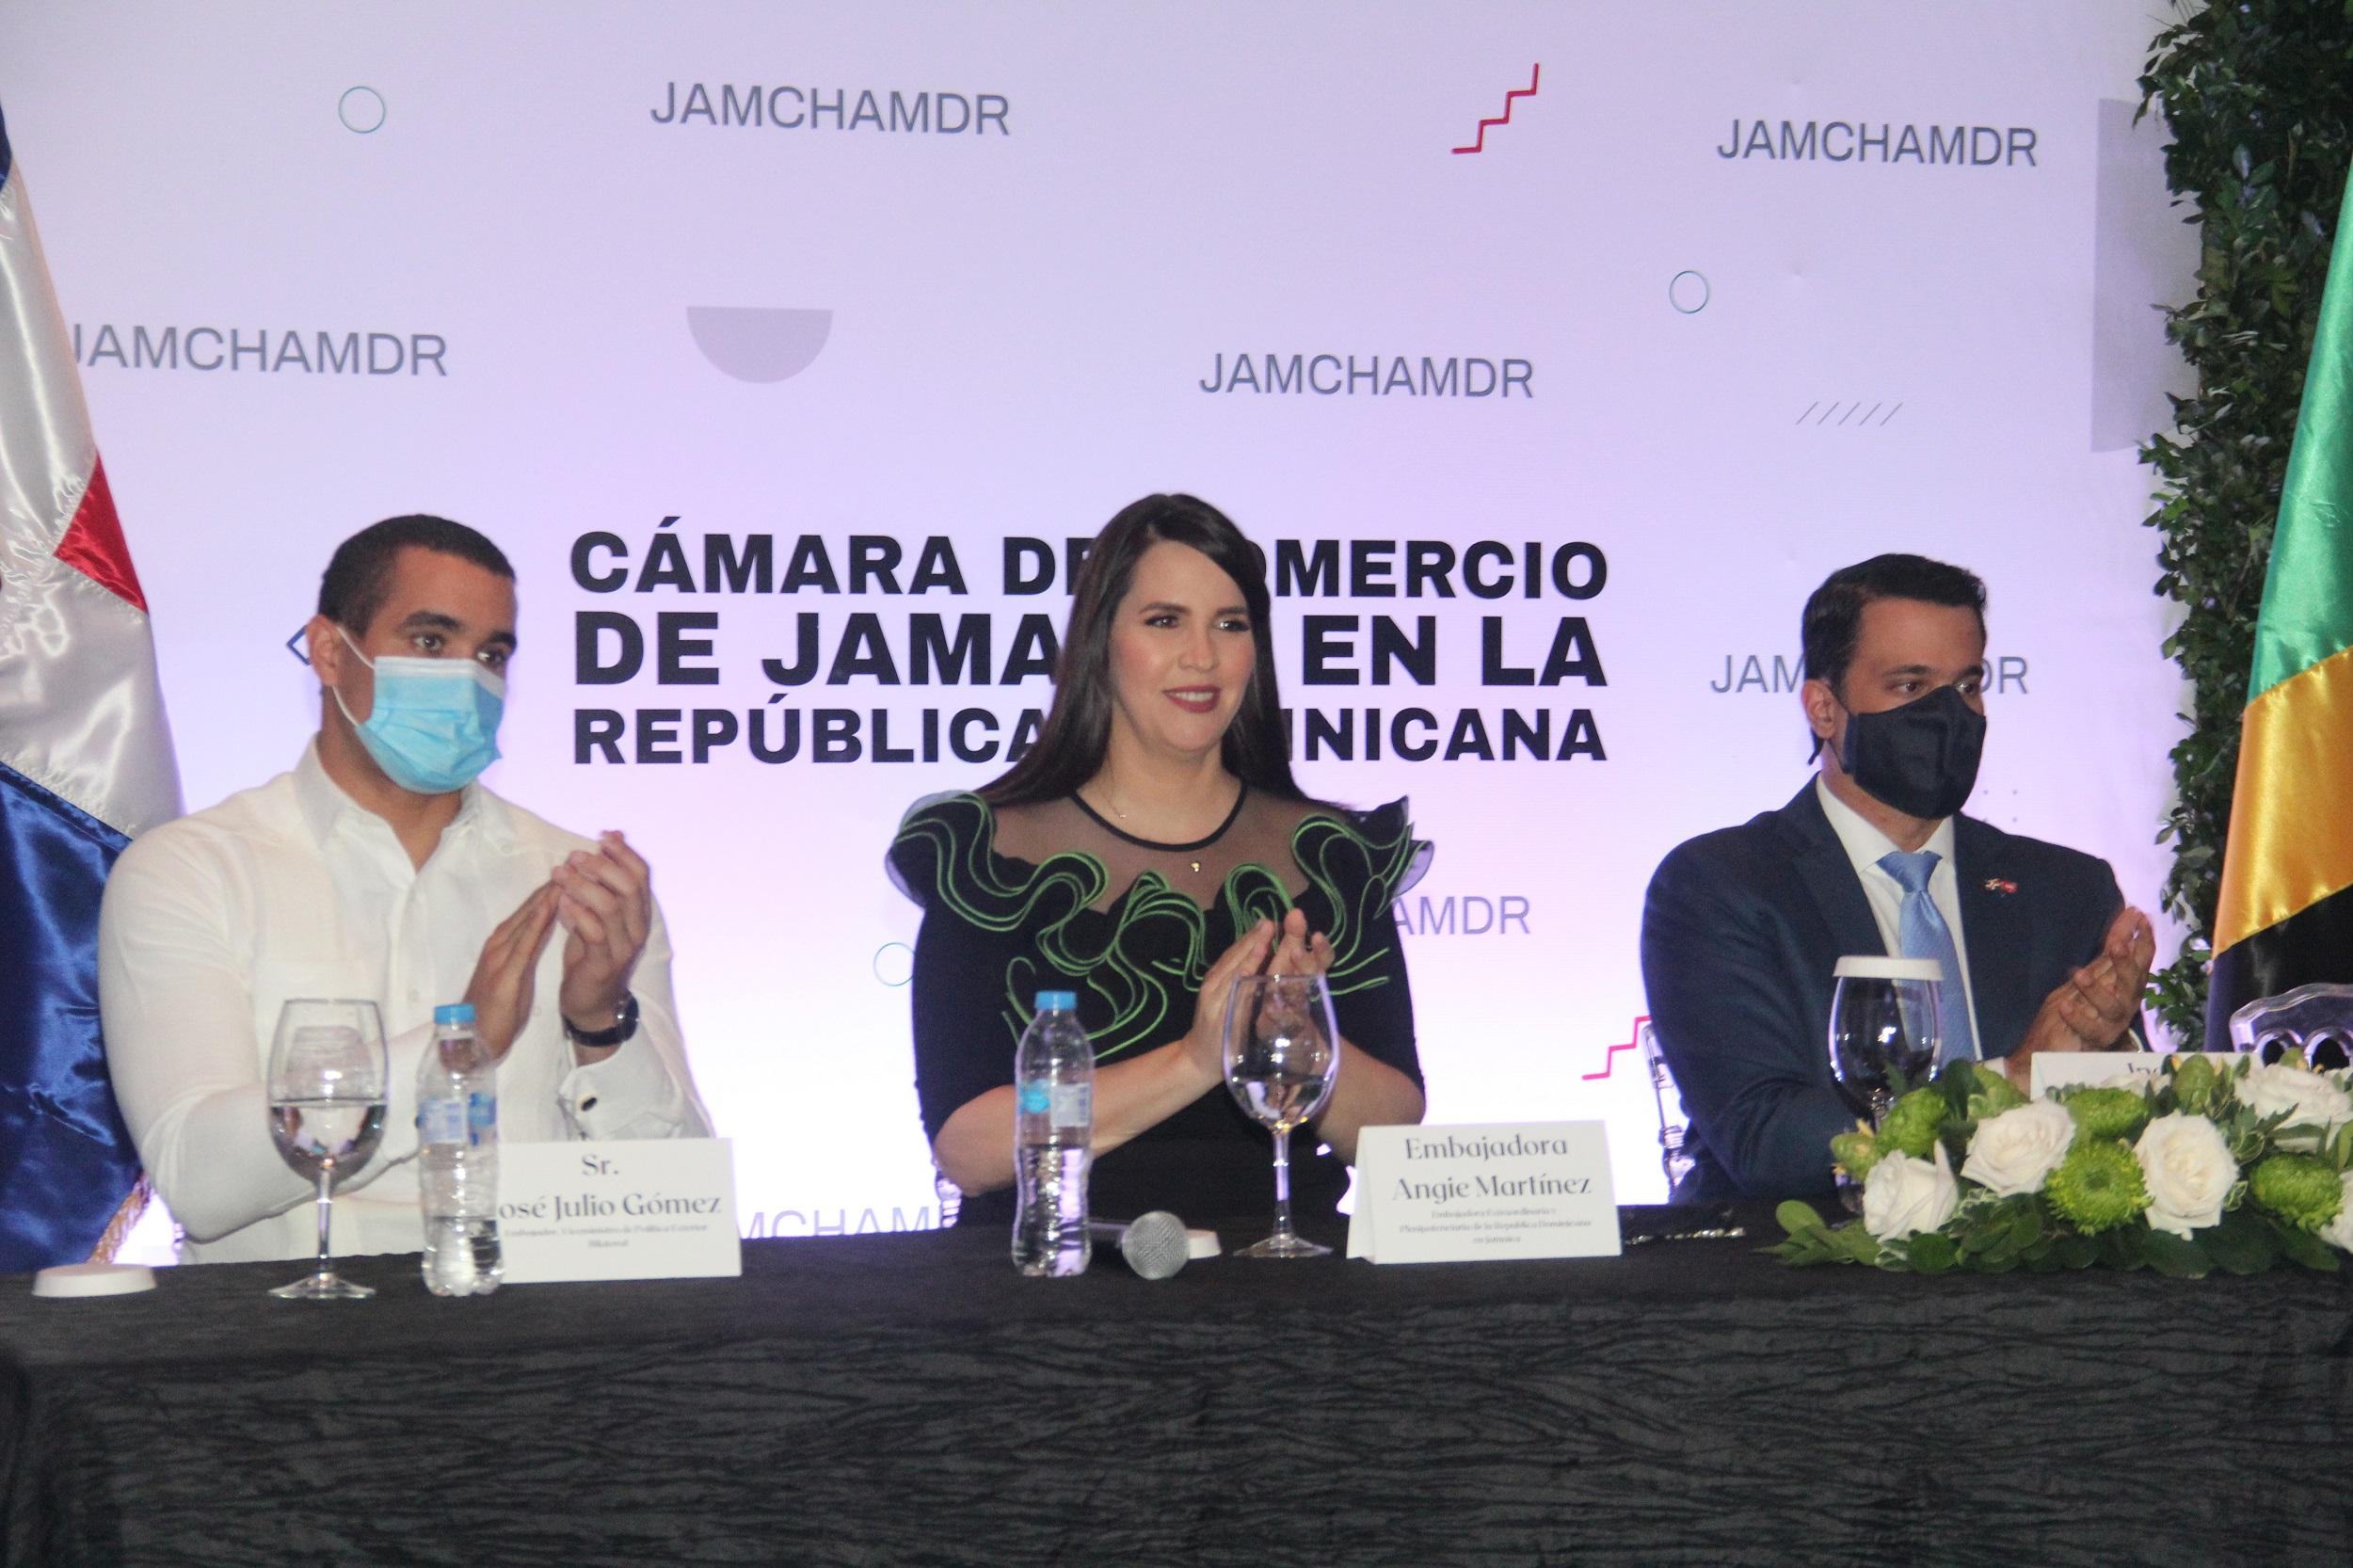 Ponen en marcha Cámara de Comercio de Jamaica en la República Dominicana